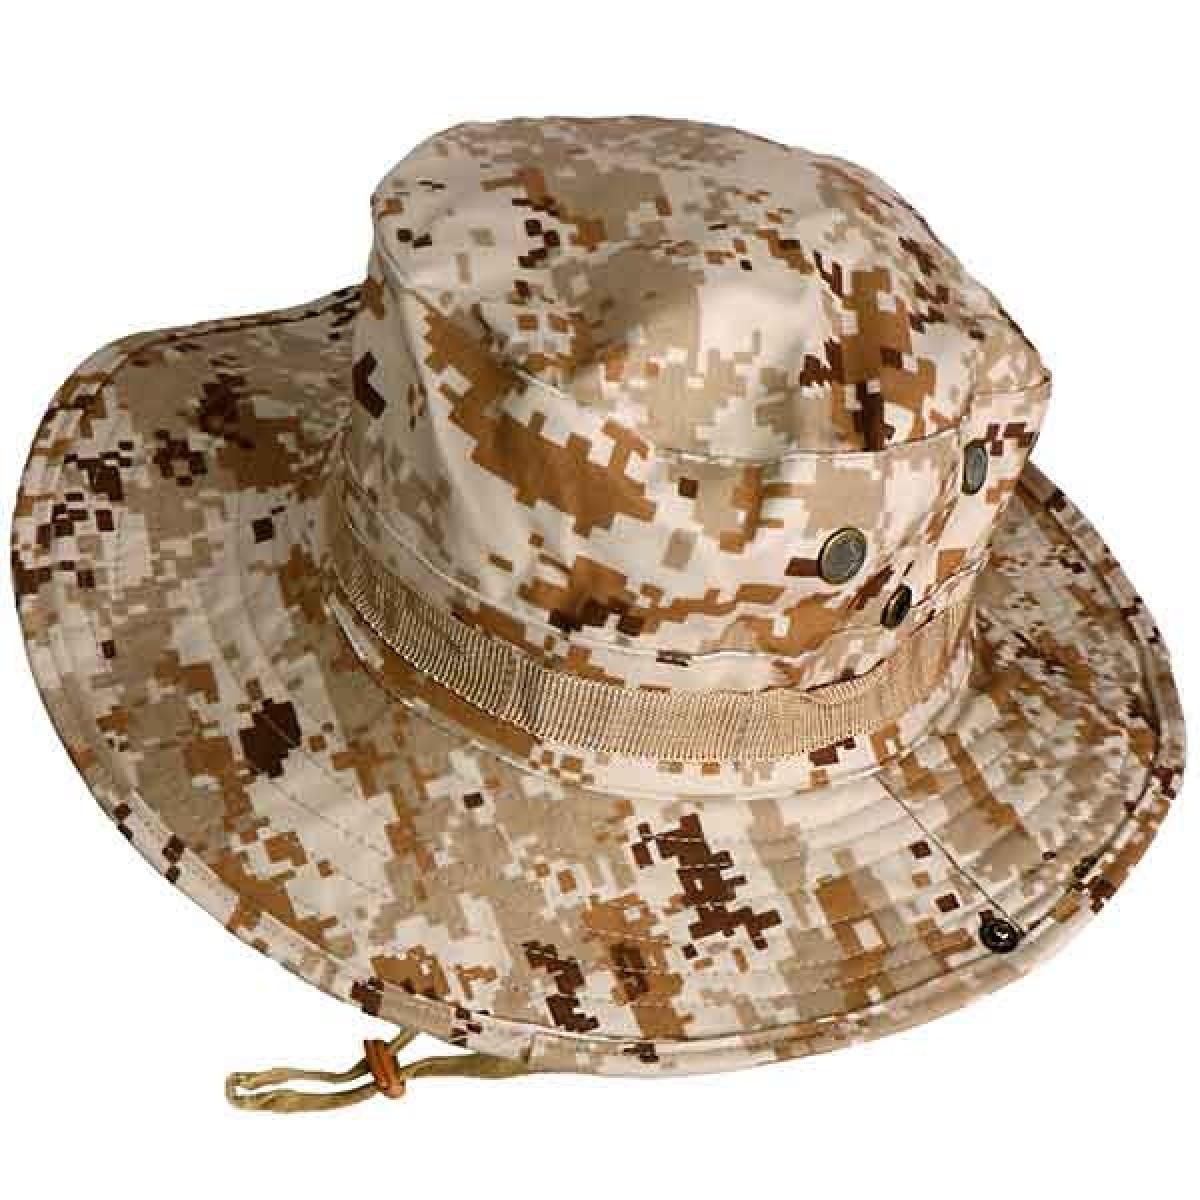 ブーニーハット ジャングルハット ピクセルブラウン フリーサイズ 帽子